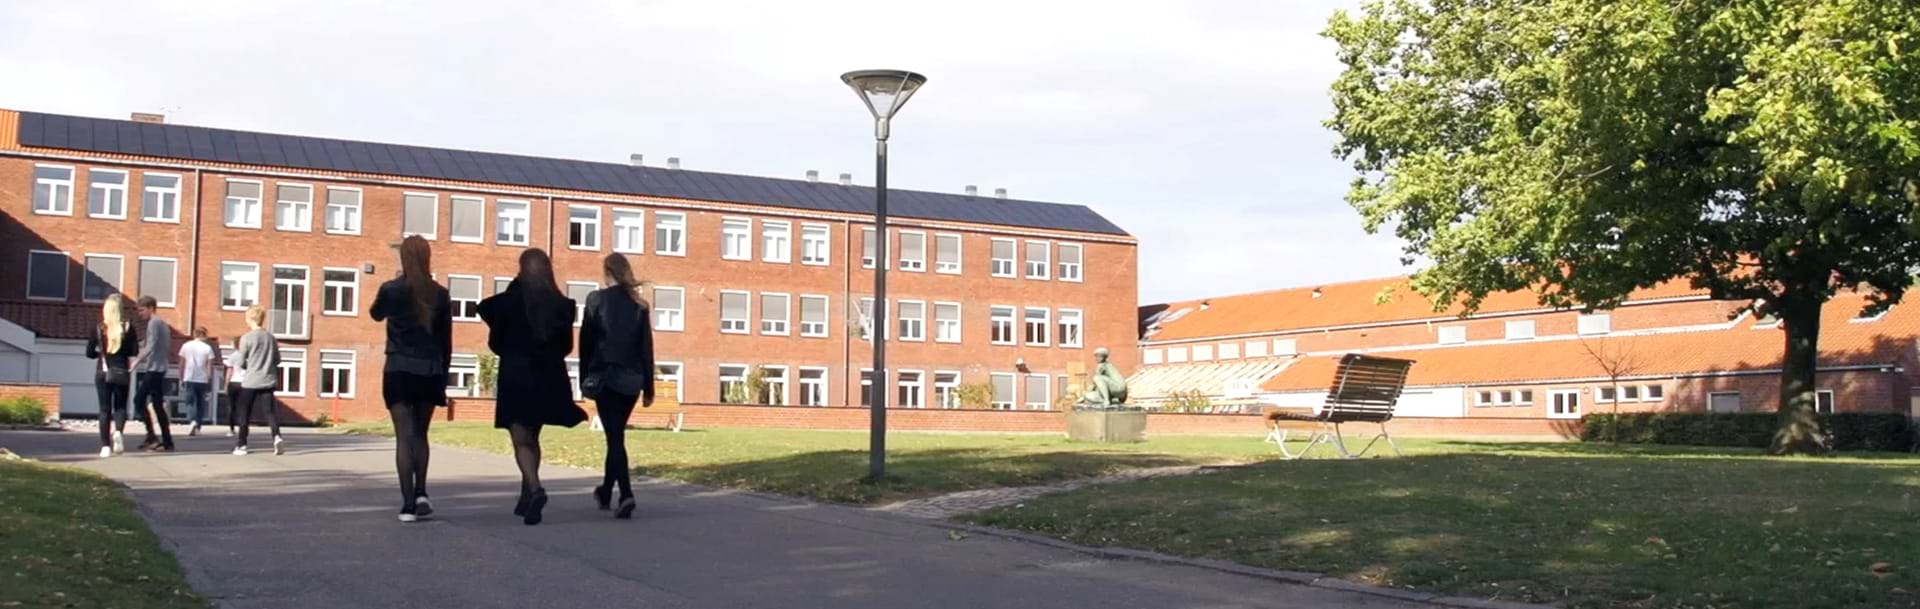 Tre elever på vej ind på skolen